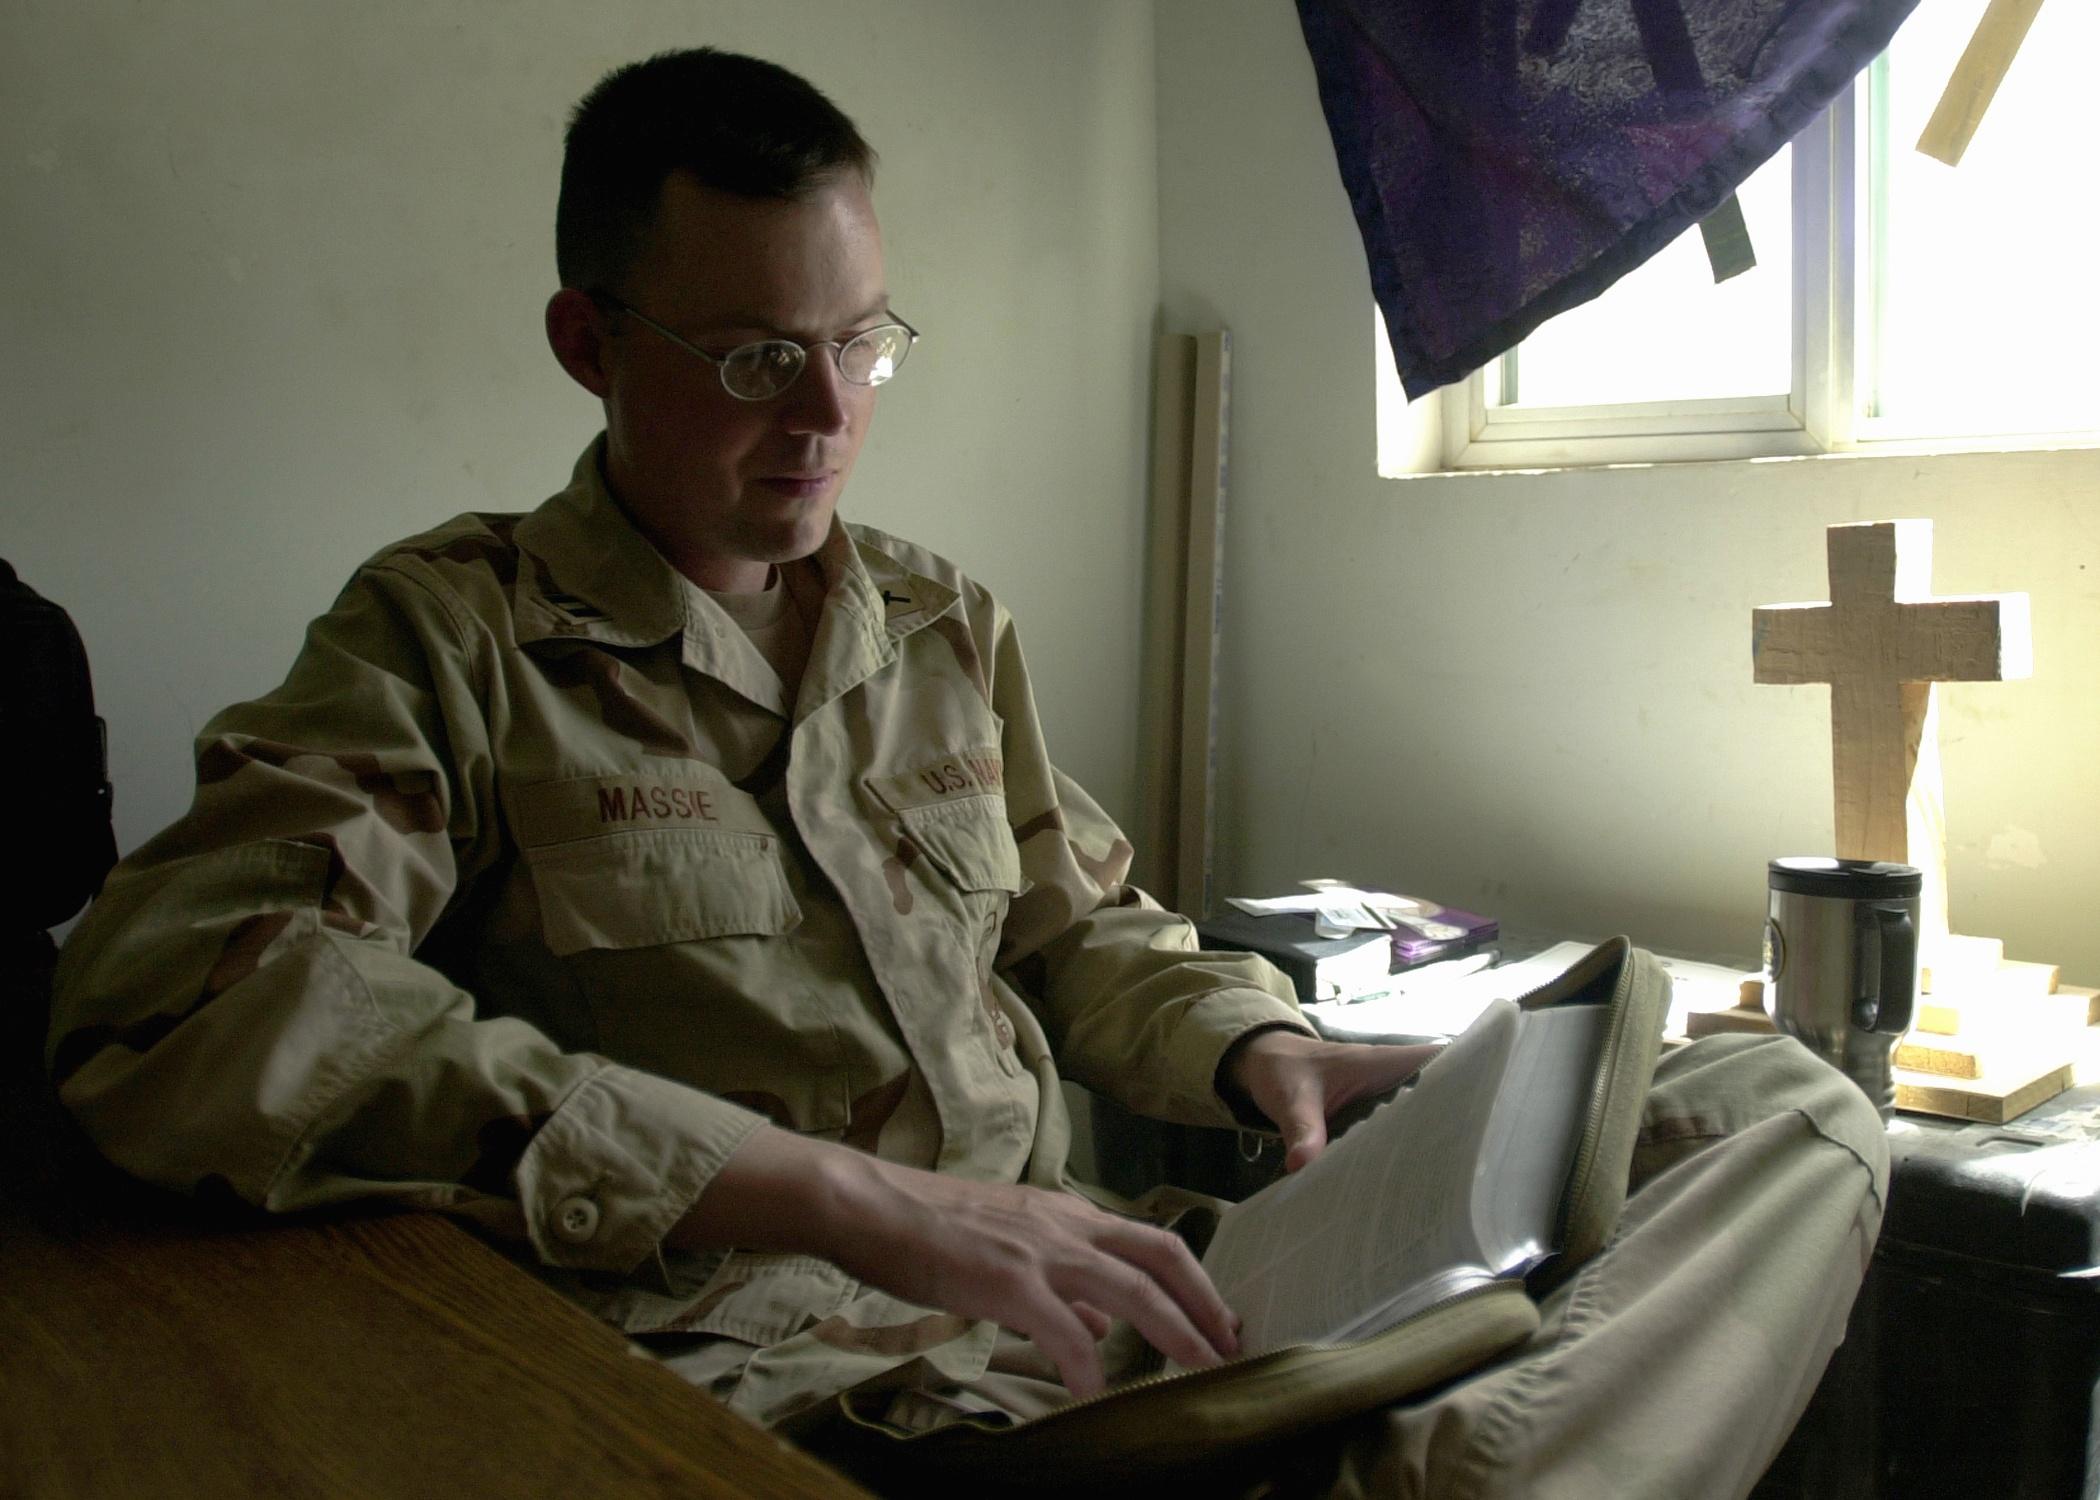 Description military chaplain